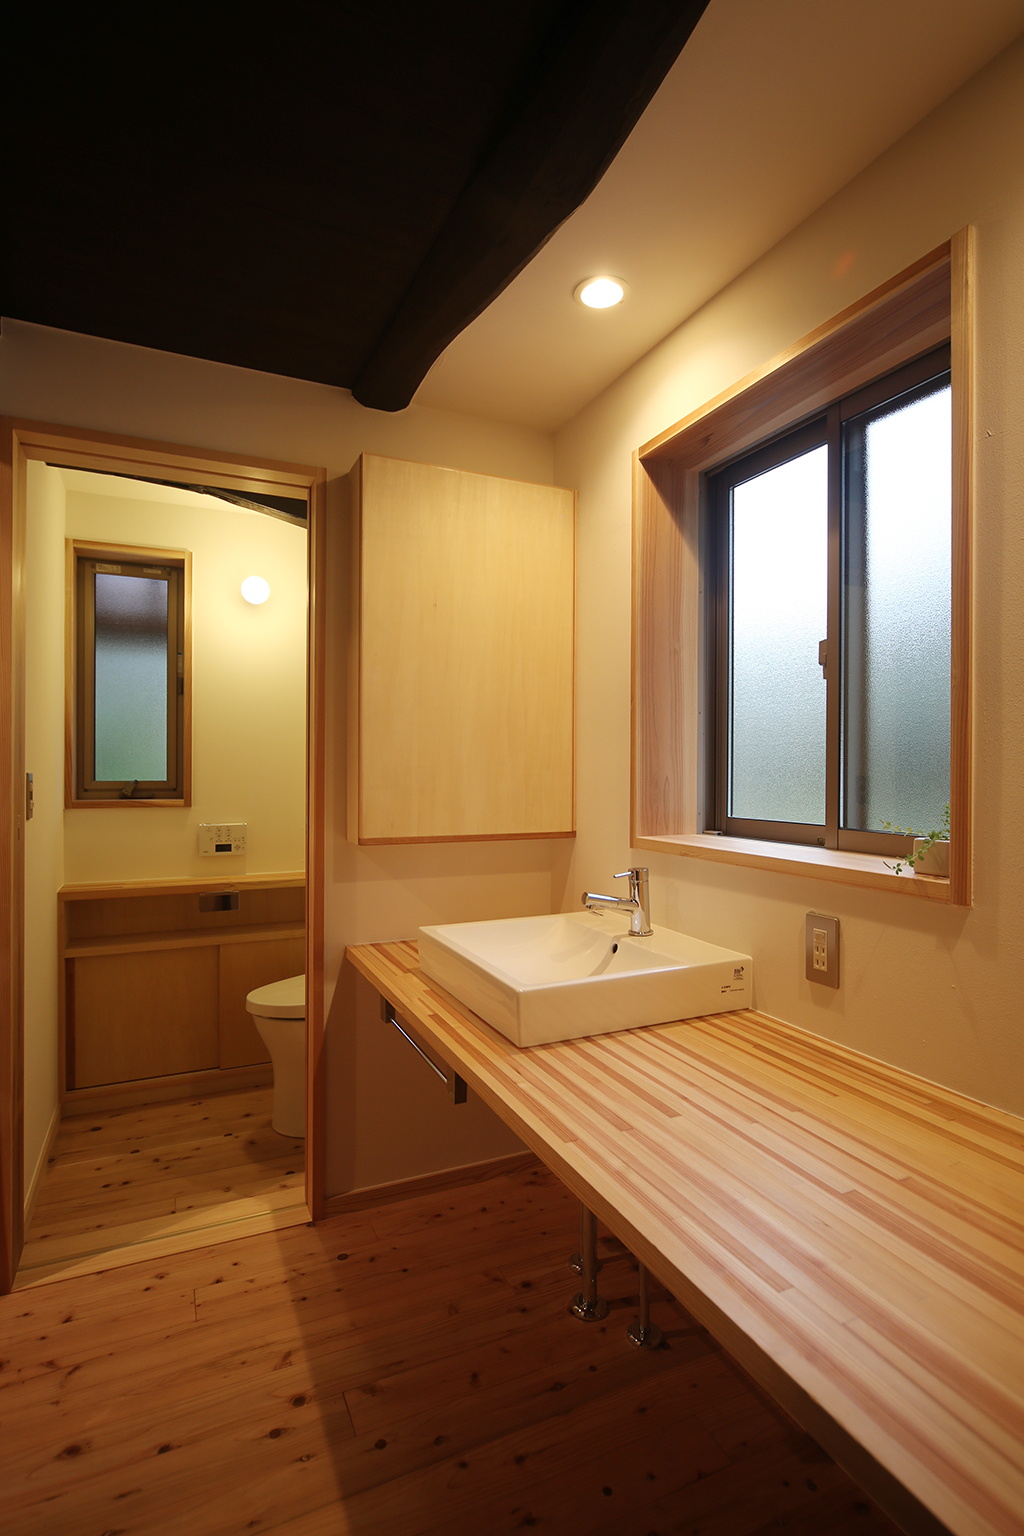 宍粟市の木の家 洗面台とトイレ